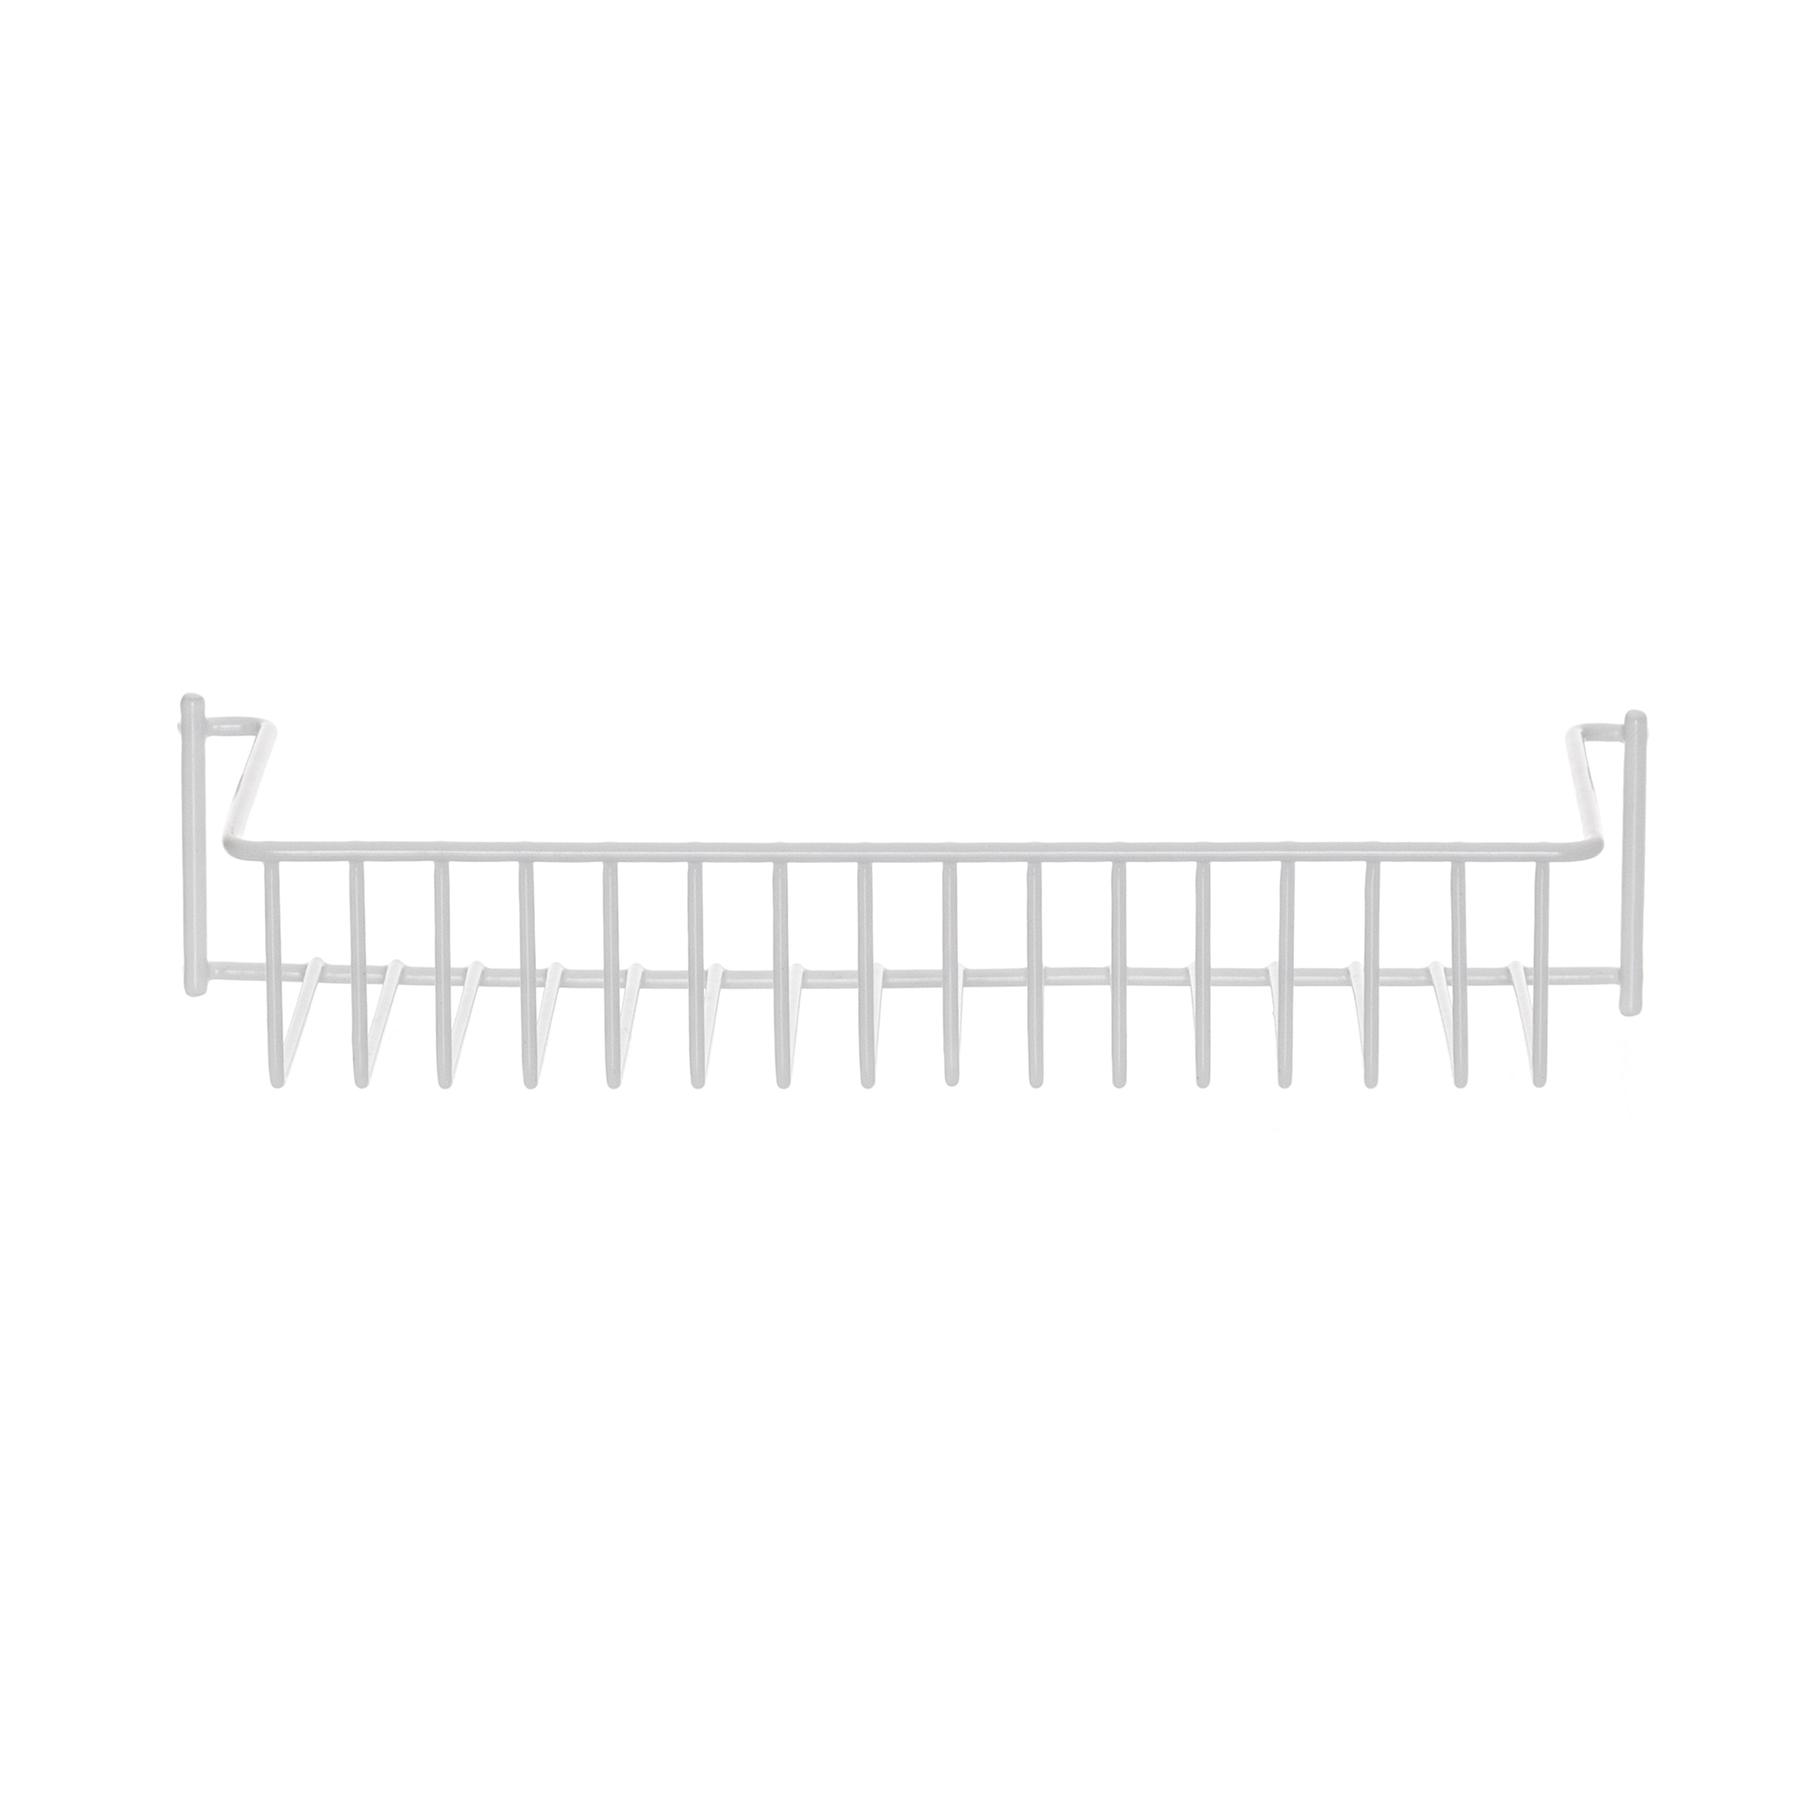 Suporte Line Simples  - CASACOBRE